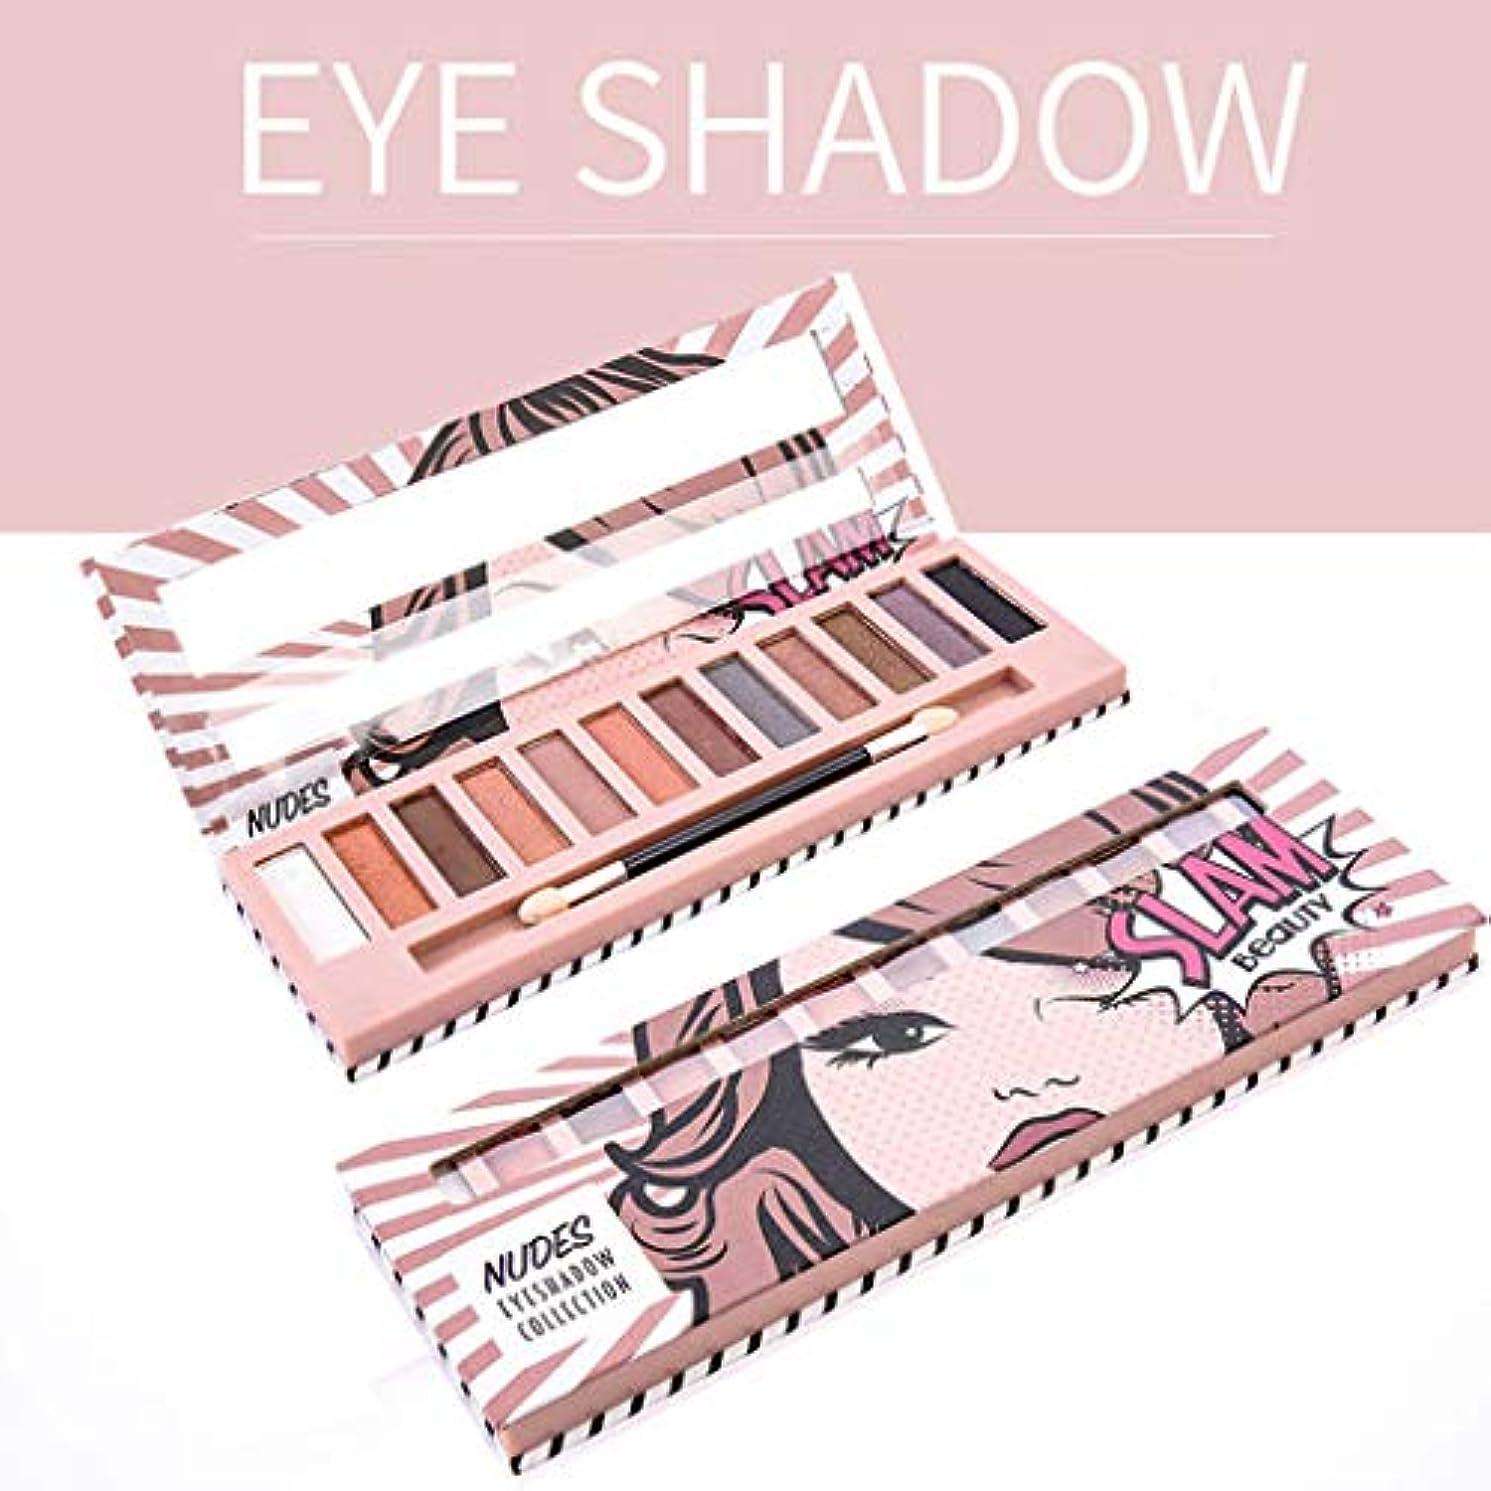 地下鉄タック教えAkane アイシャドウパレット NUDES Slam Beauty 綺麗 マット 可愛い ファッション おしゃれ 人気 長持ち 持ち便利 Eye Shadow (12色)